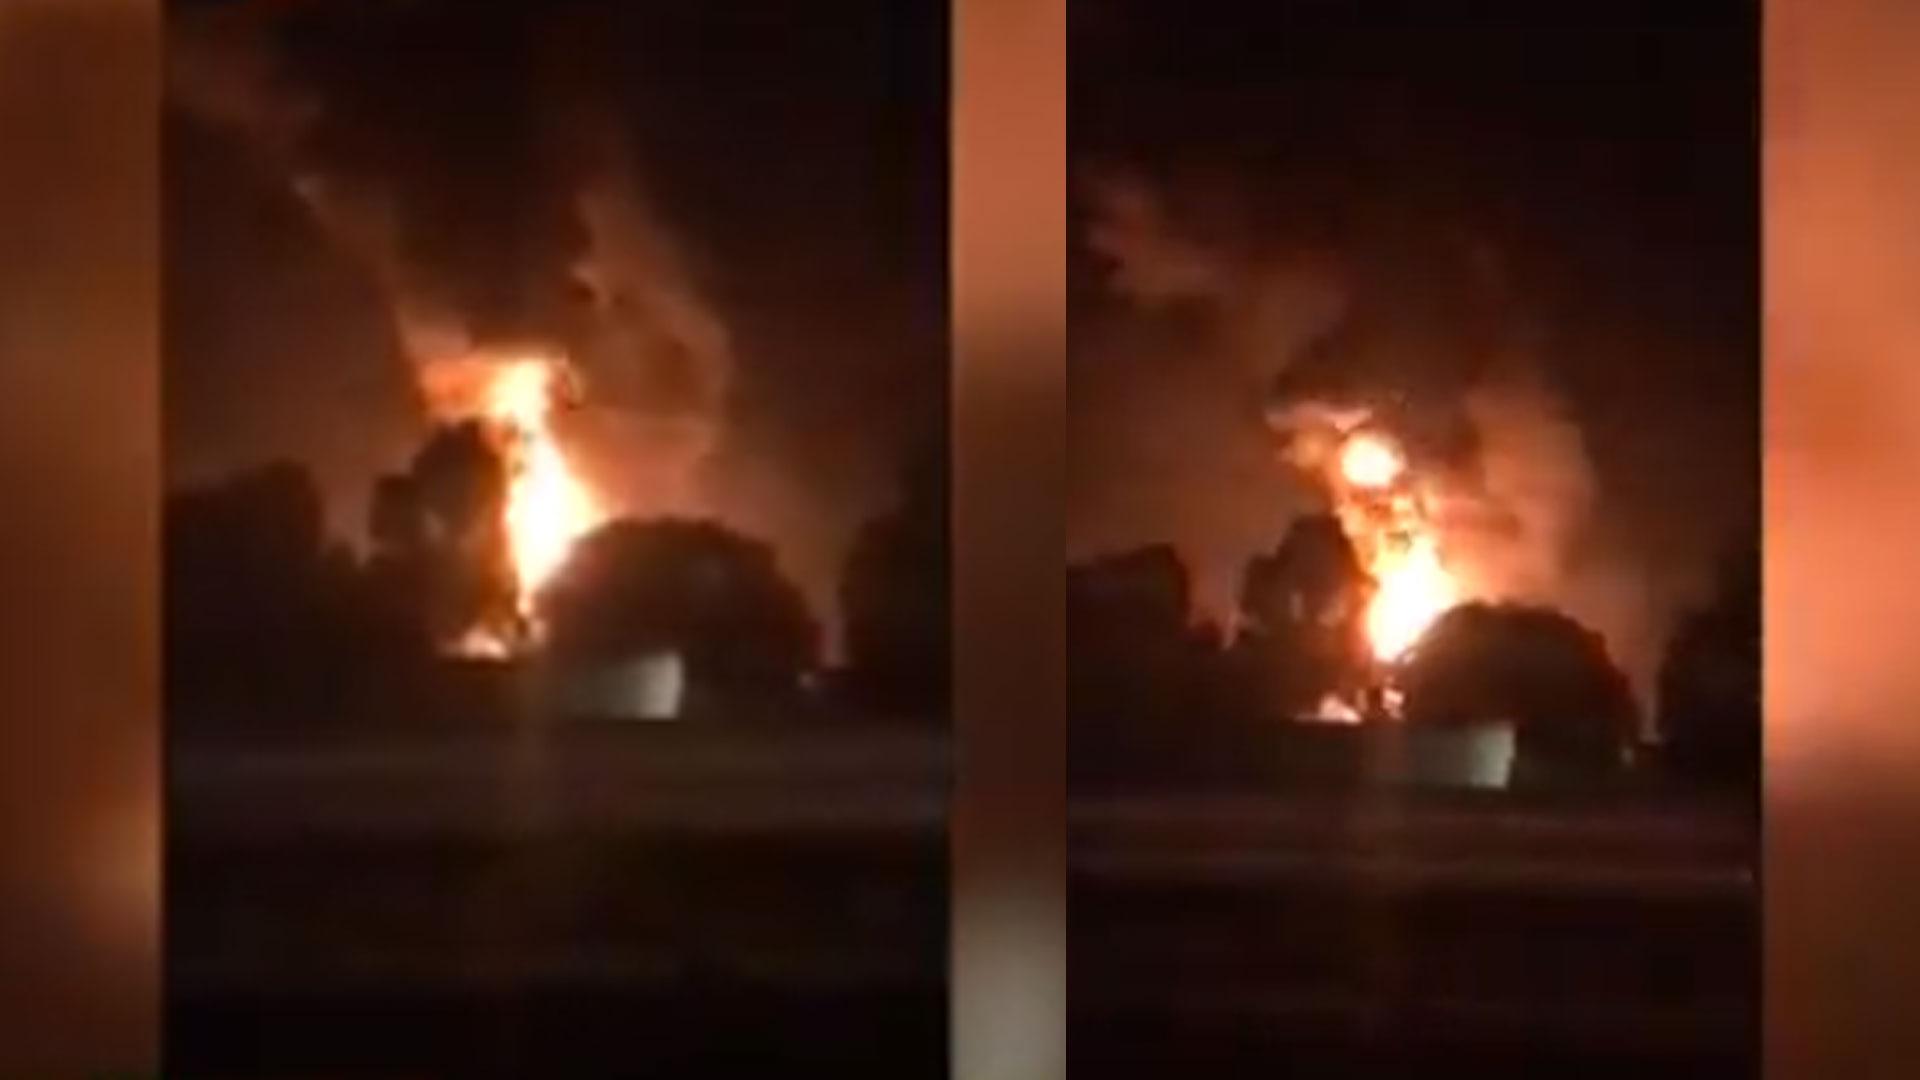 La explosión se registró a las 20:32 horas (Foto: Captura video)